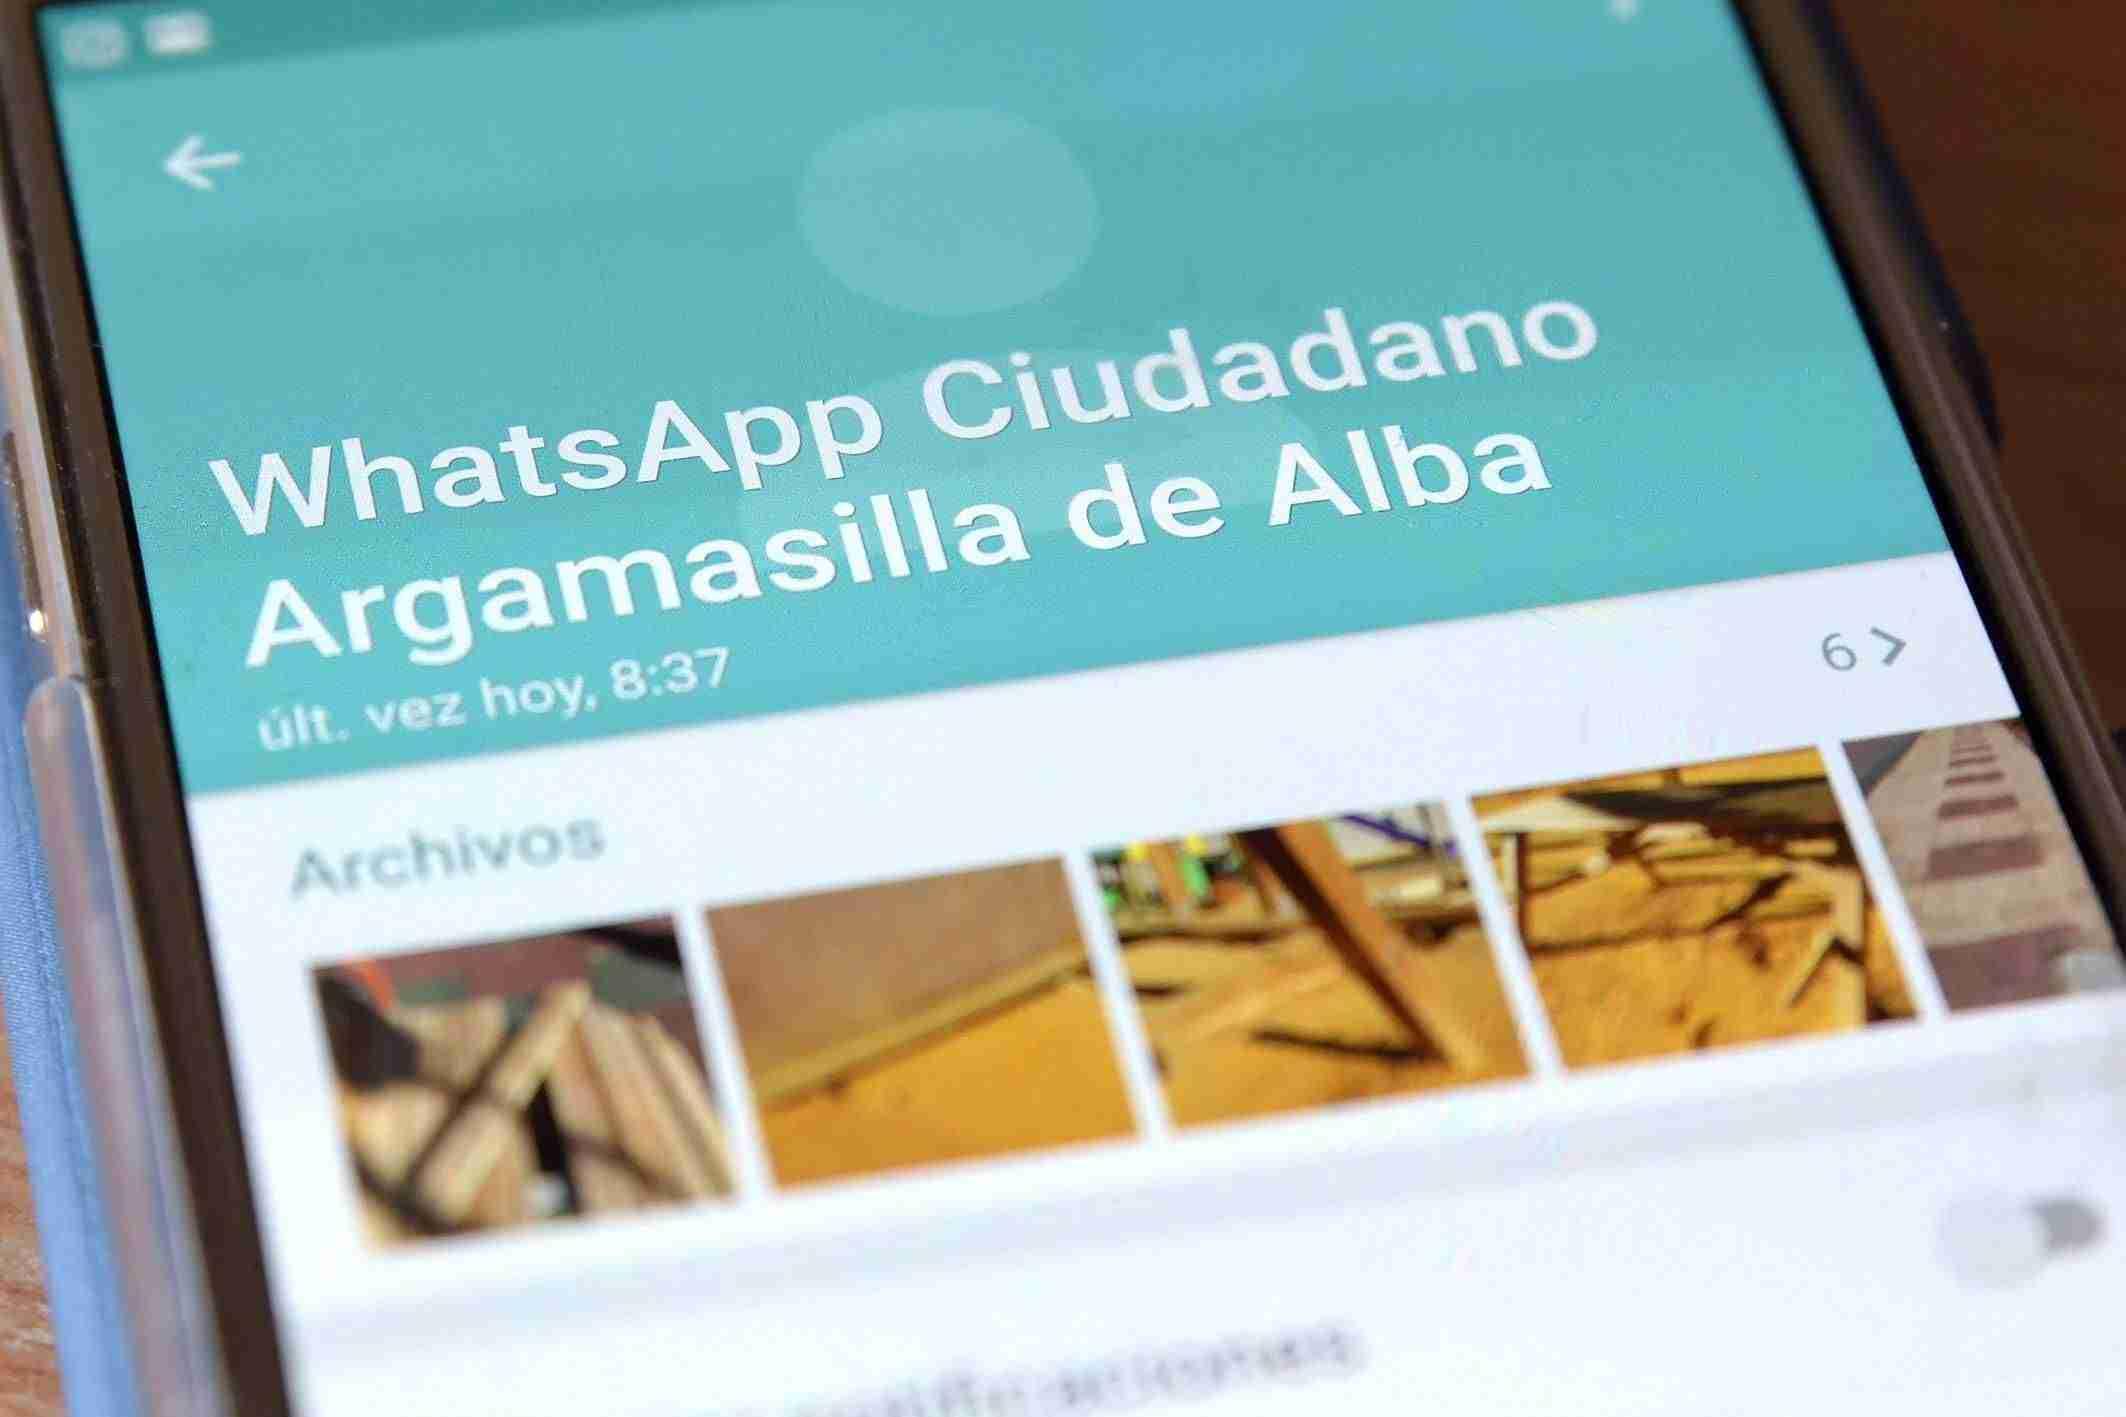 El WhatsApp Ciudadano de Argamasilla de Alba lleva resuelta más de 200 incidencias desde su implantación 1